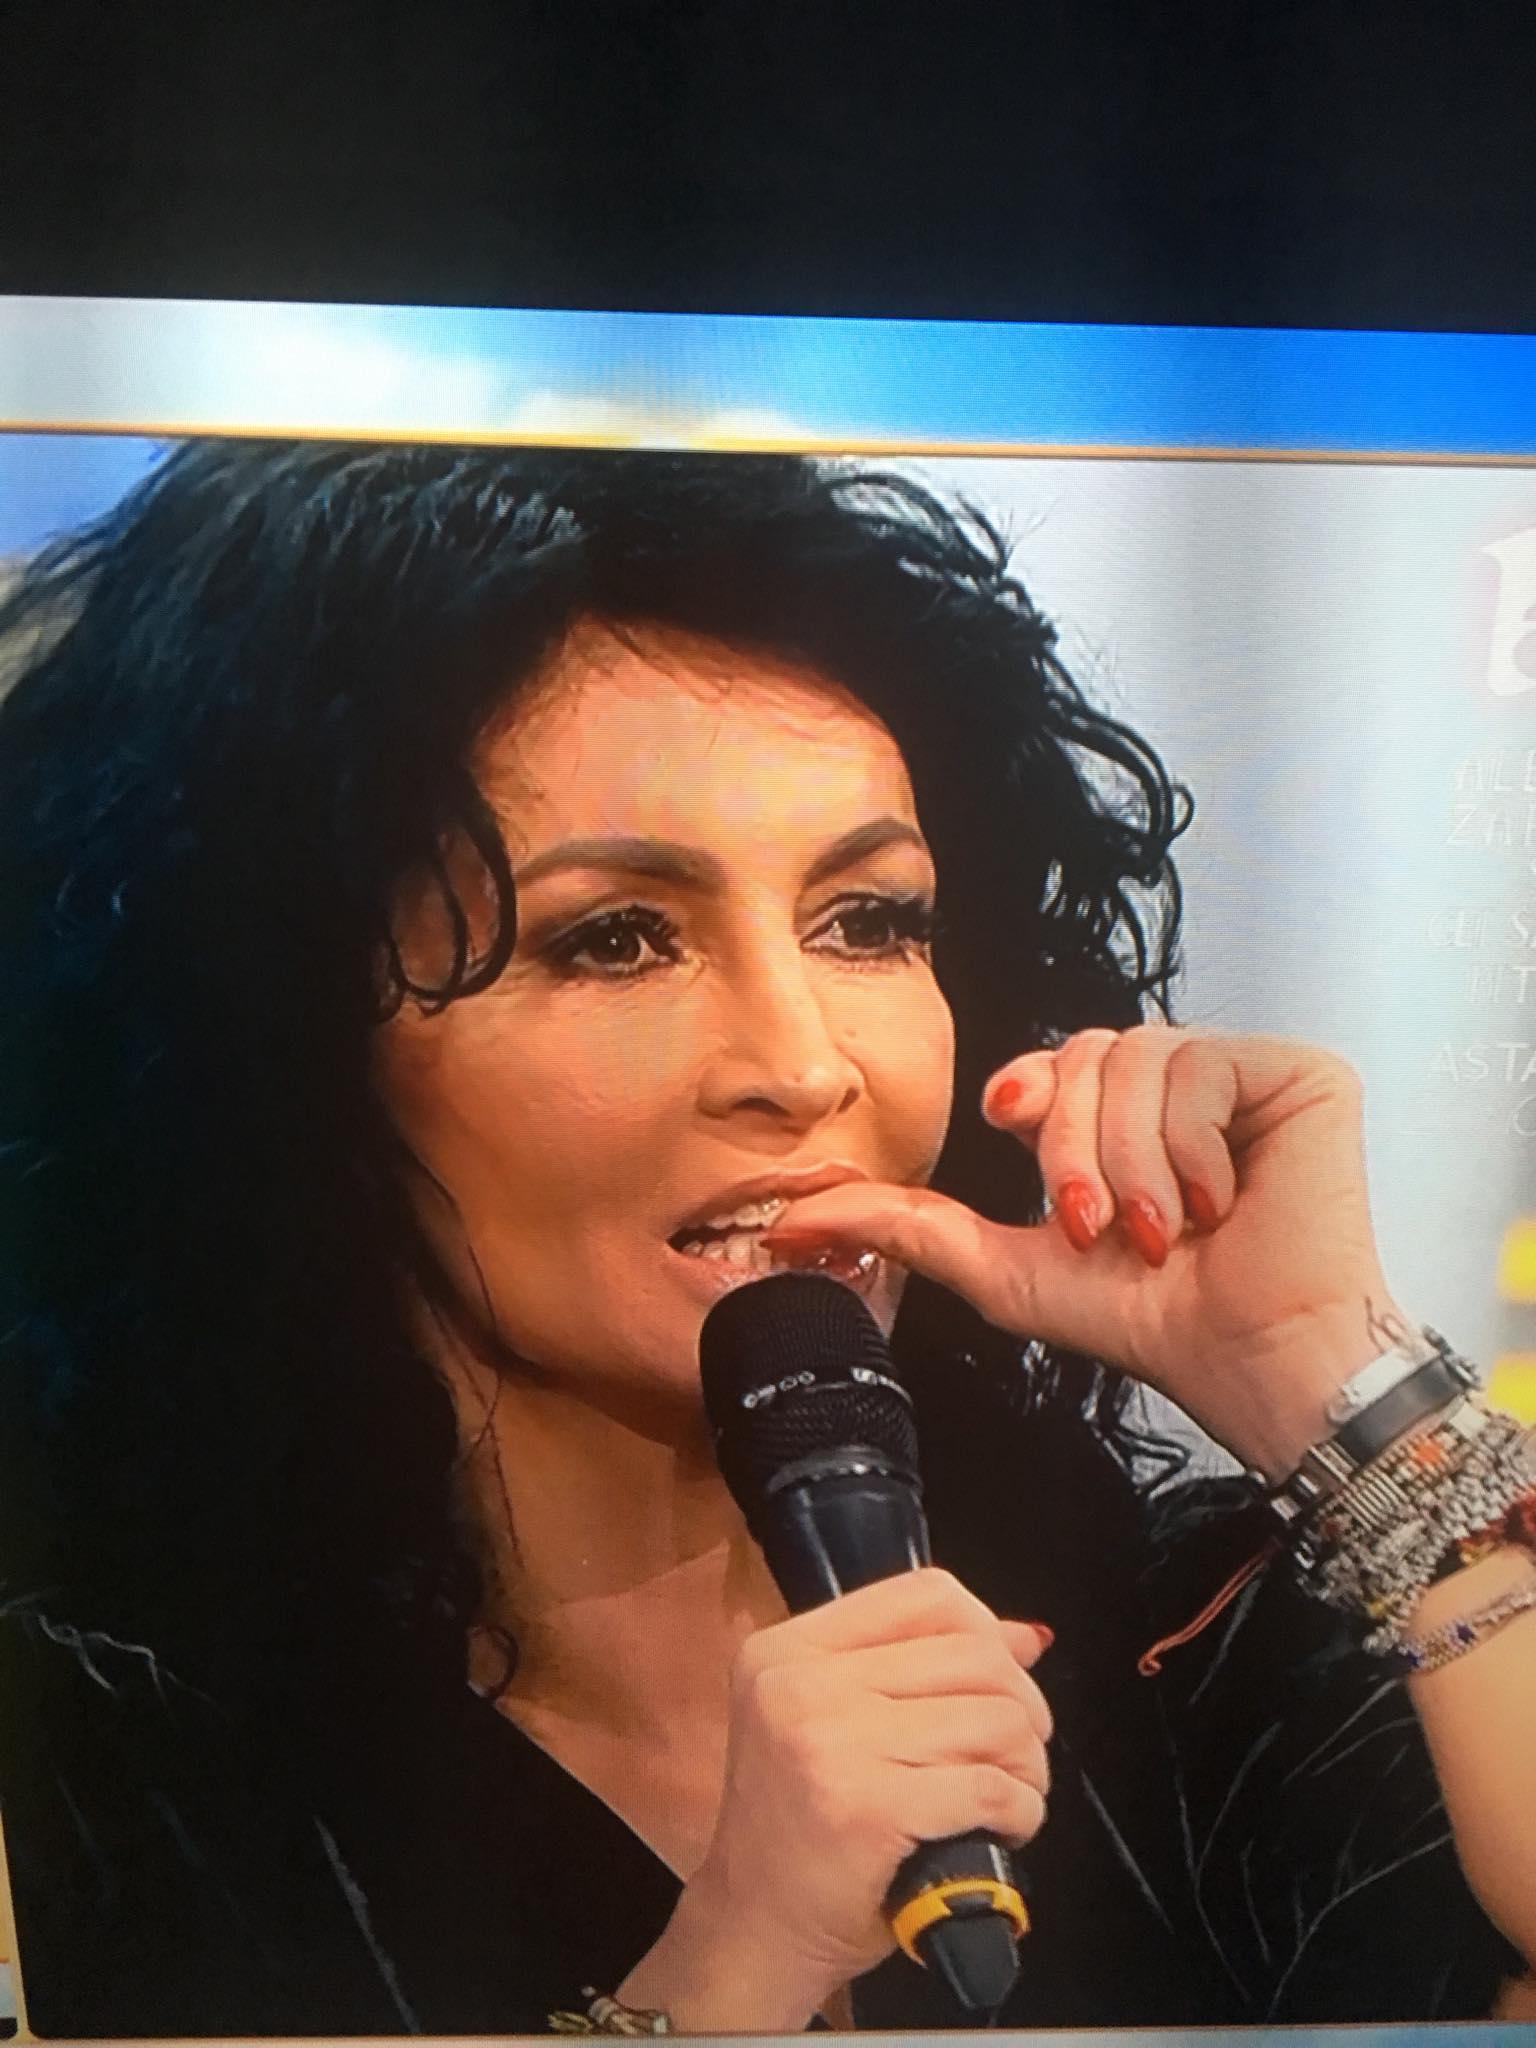 Mihaela Rădulescu îşi muşcă unghiile în timpul unui joc la care a supus-o fostul său iubit, Dani Oţil. Vedeta TV se uită într-un monitor